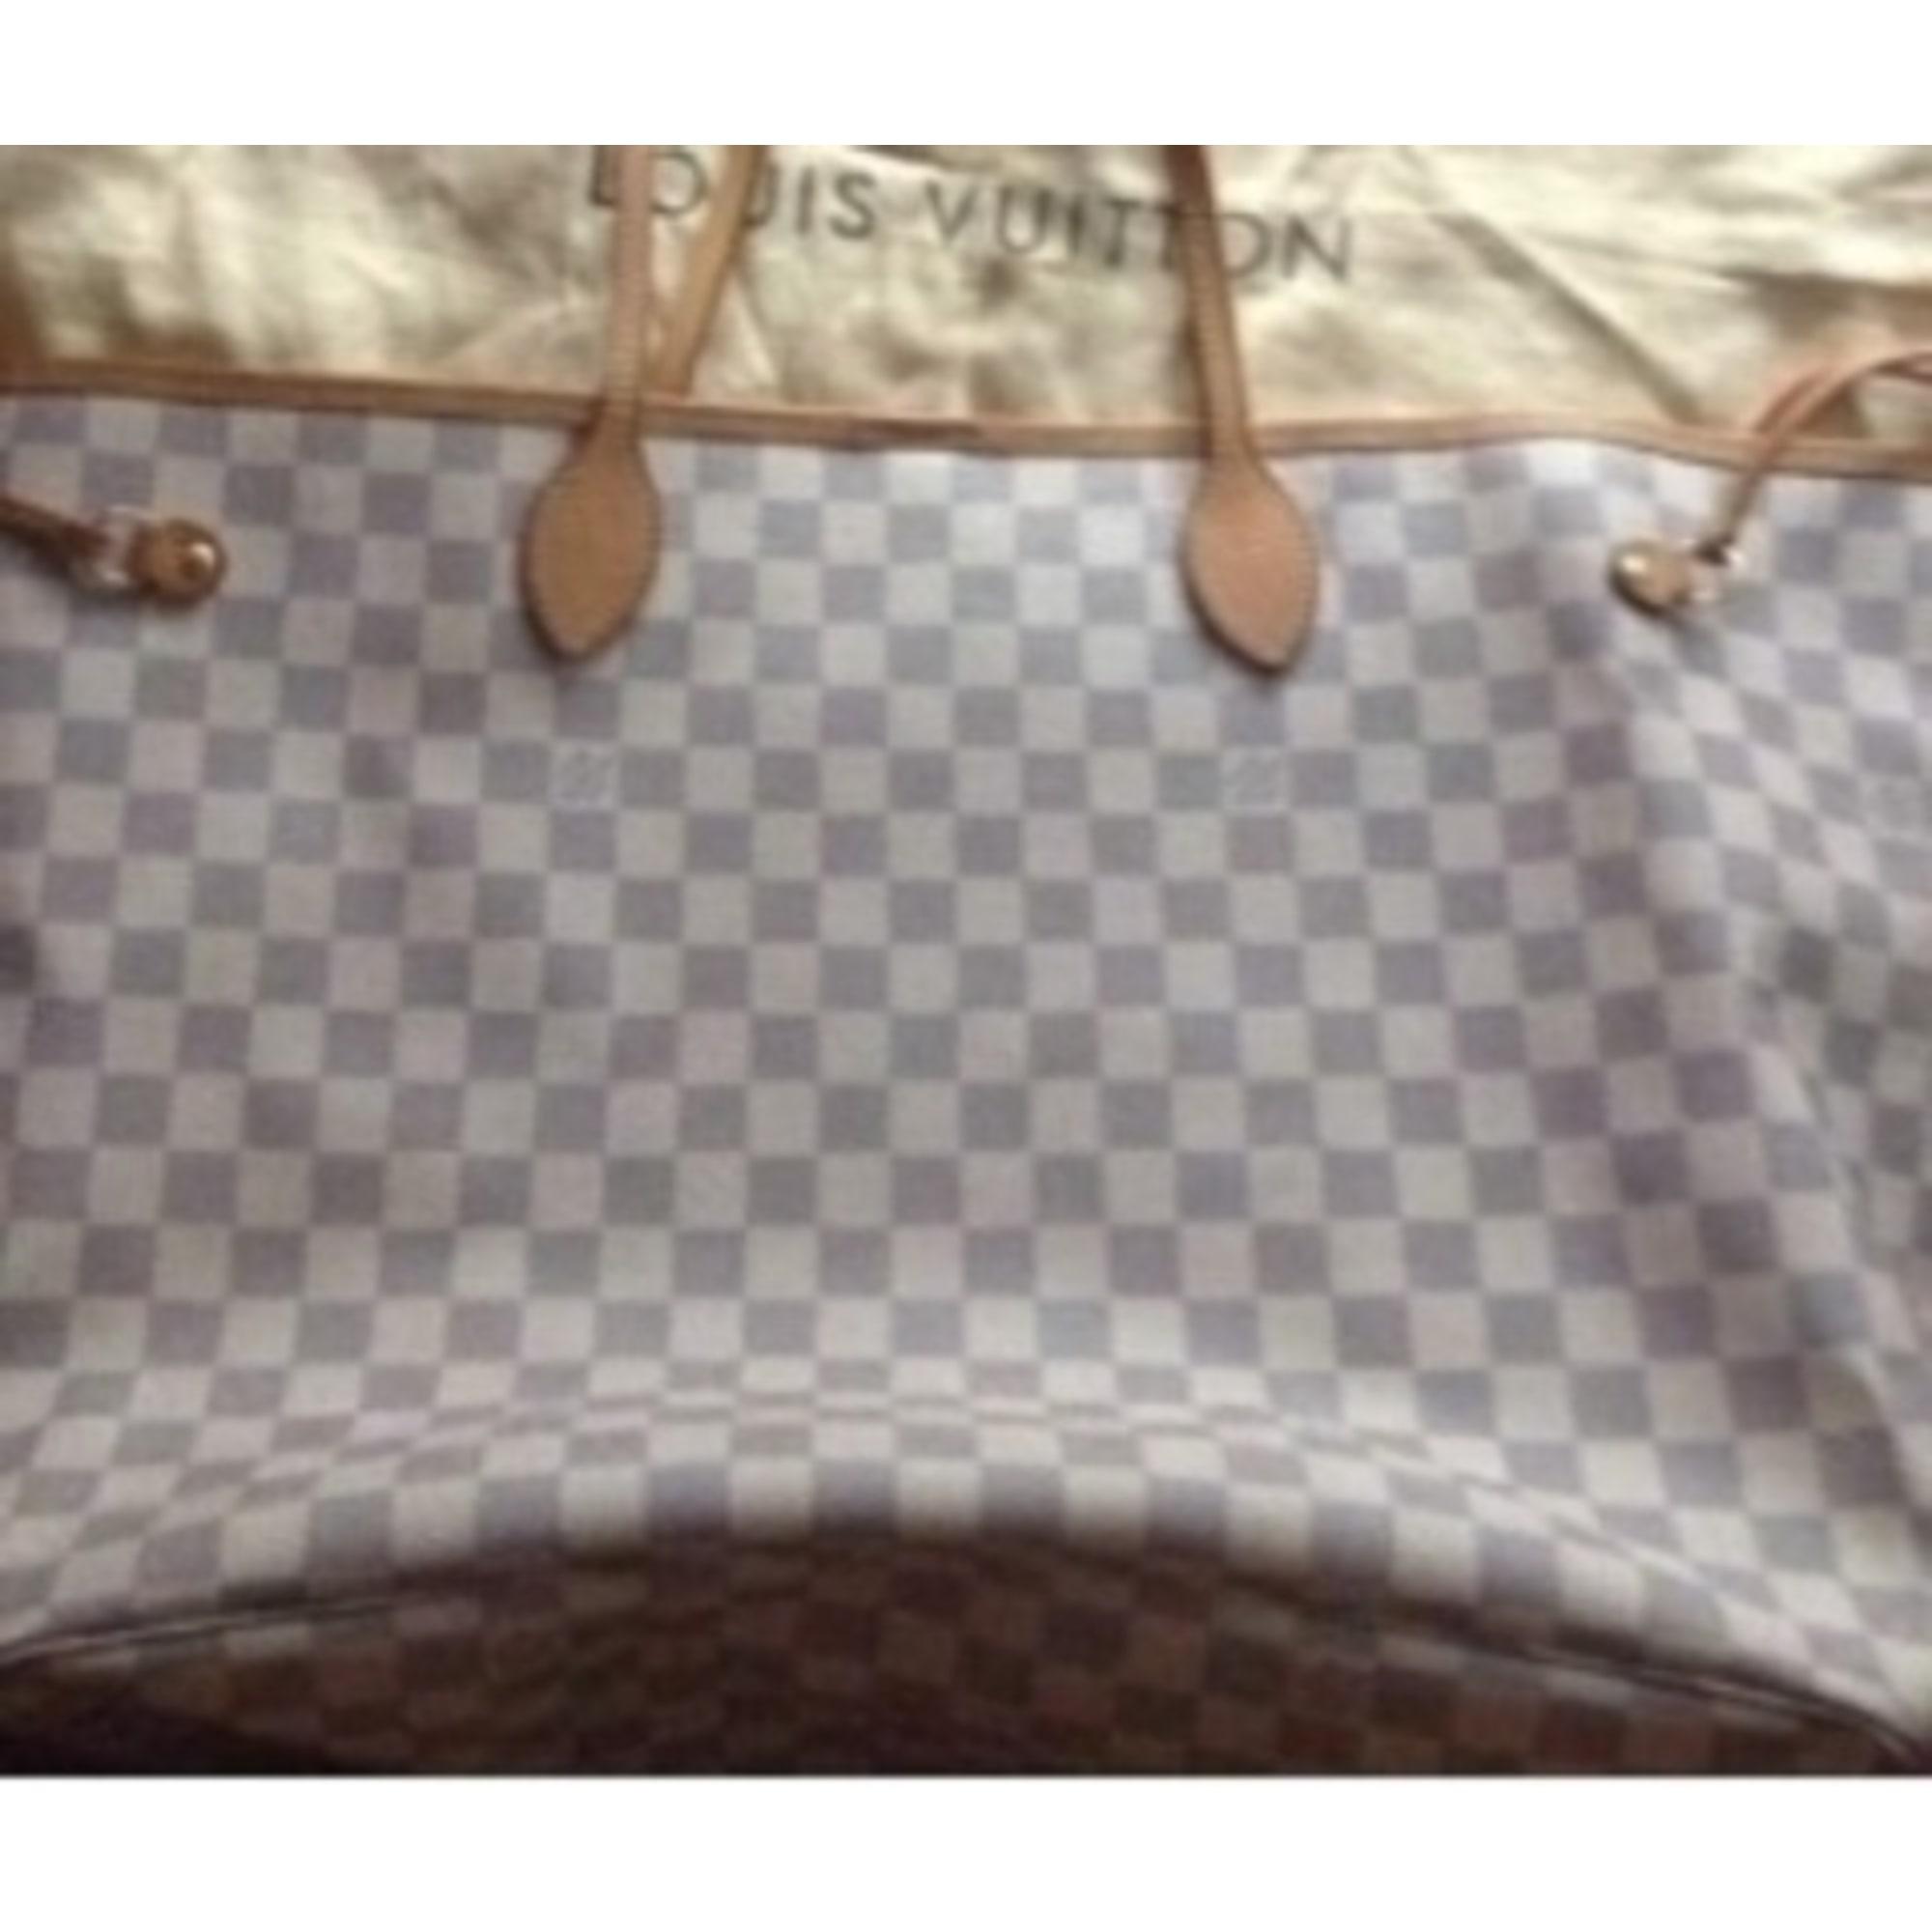 08a76c38a5 Sac XL en cuir LOUIS VUITTON blanc vendu par Bebe de luxe - 2036262